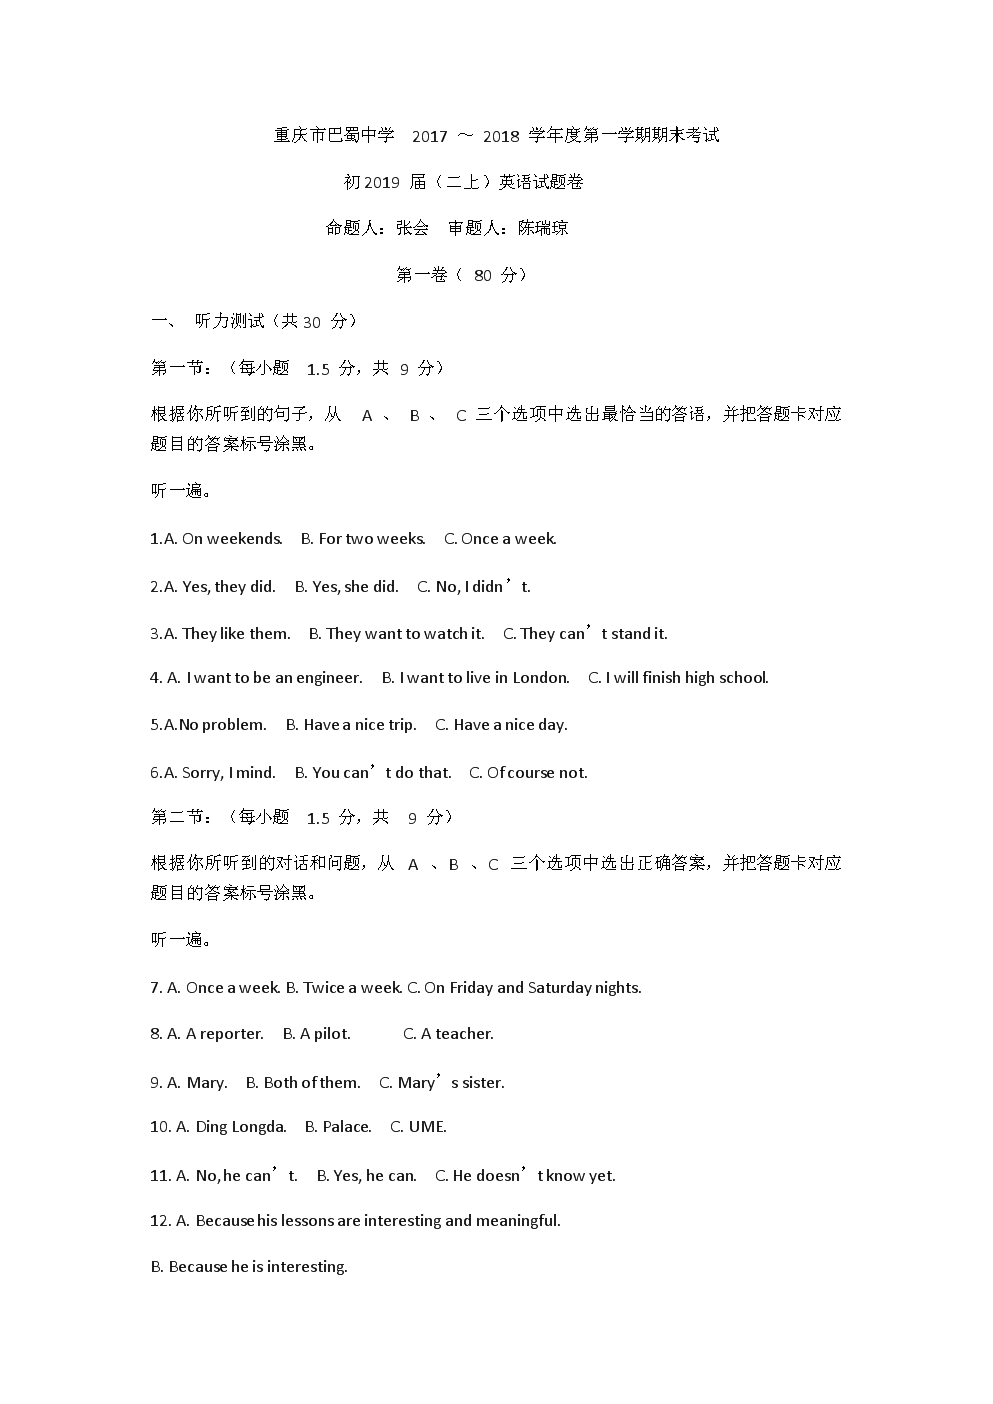 【全国百强校】重庆市巴蜀中学2017-2018学年八年级上学期期末考试英语试题(无答案).docx